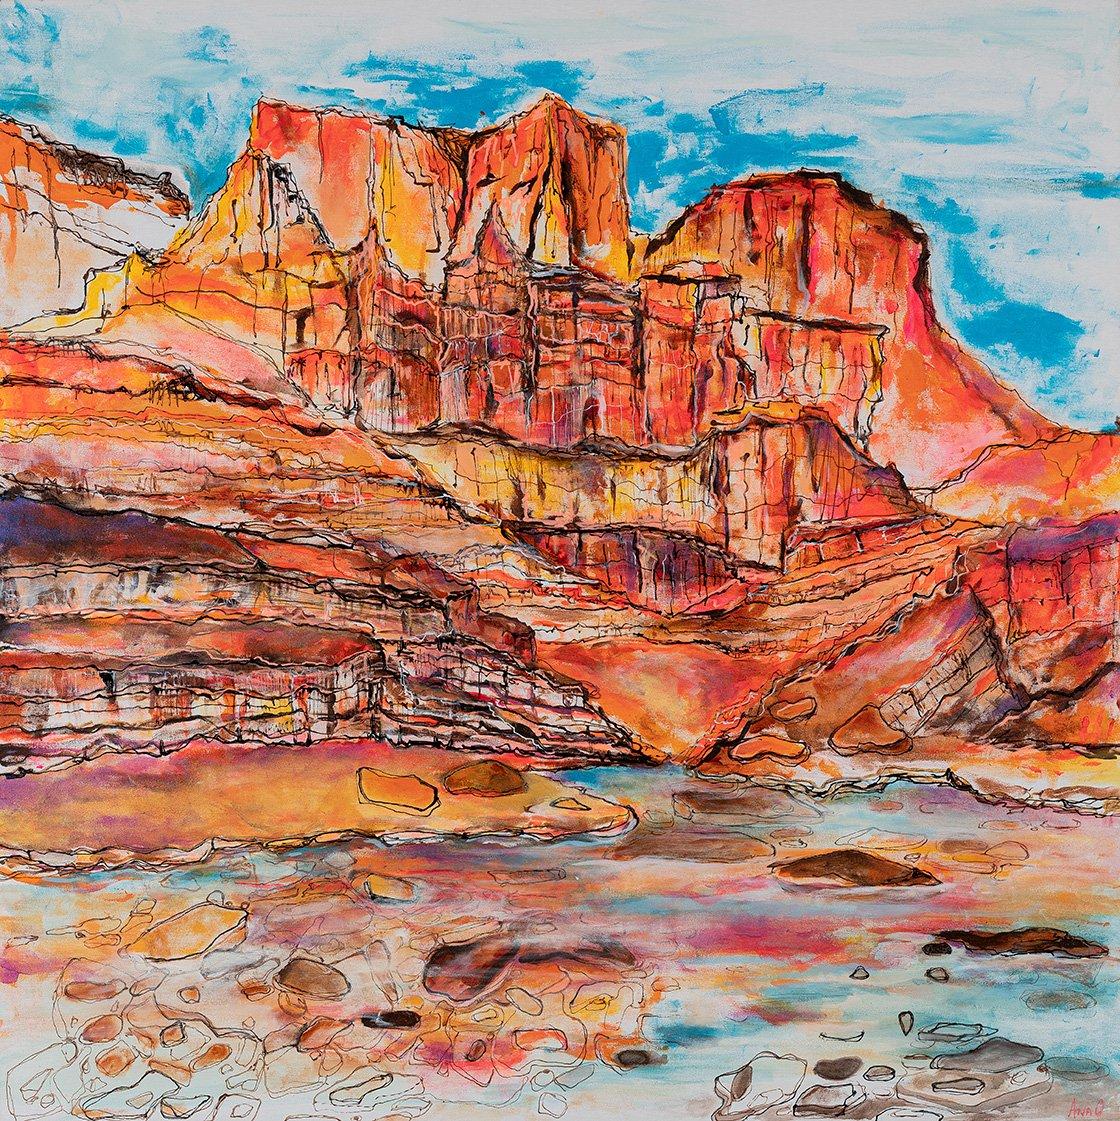 Moab Wonders by Ana O